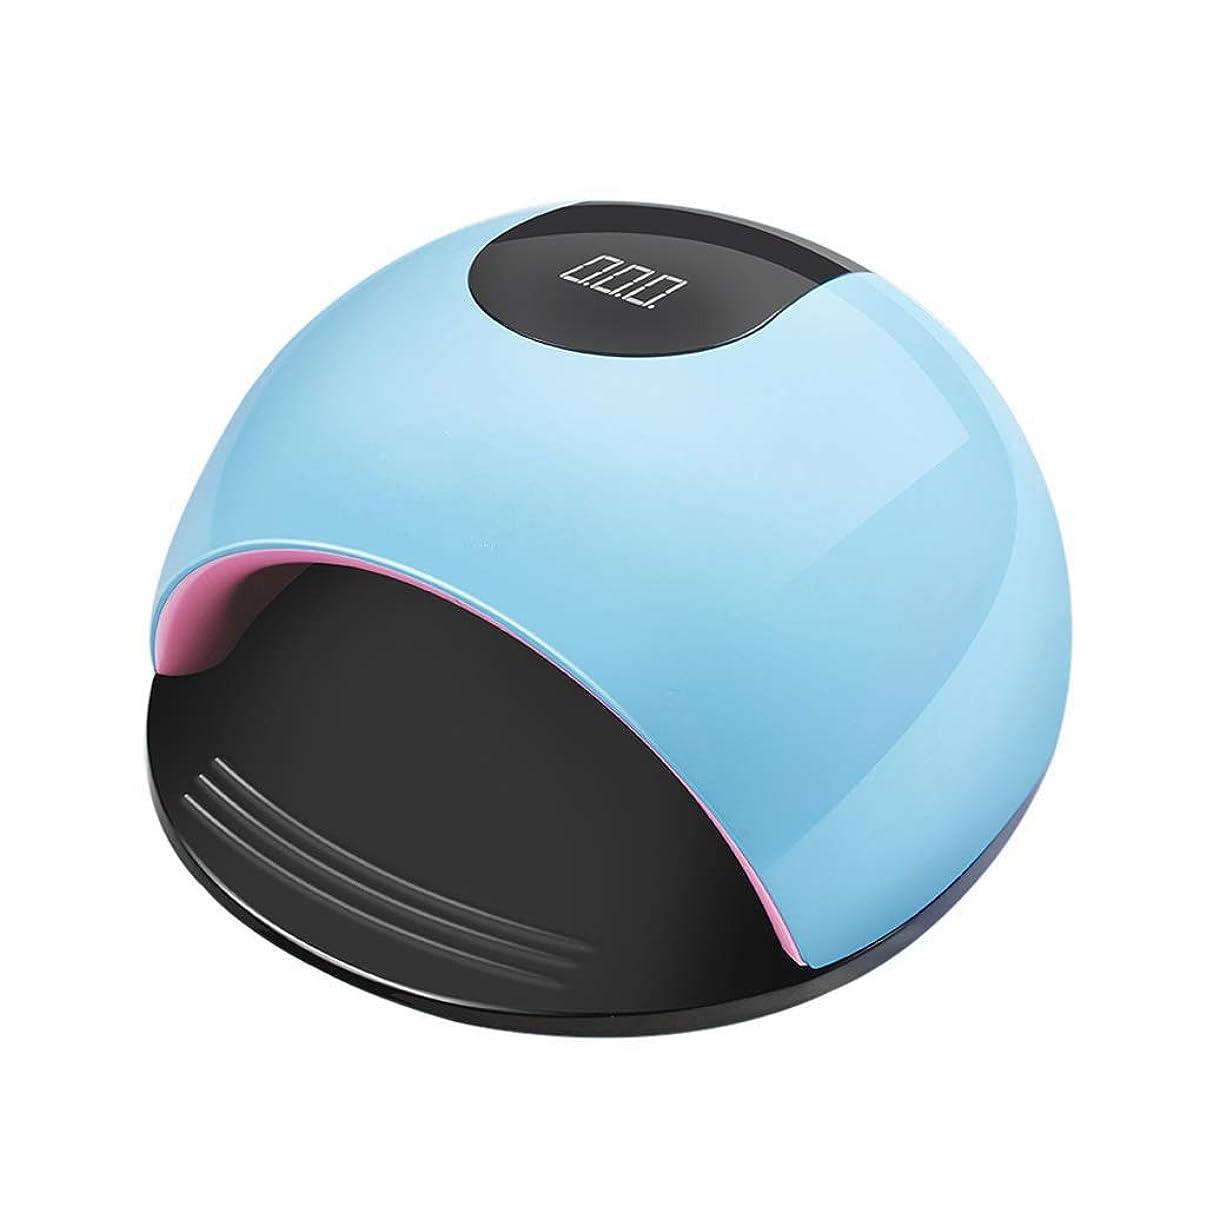 嵐のハンディキャップアーサーコナンドイルYalztc-zyq16 ネイルライト80ワットハイパワーネイル光線療法機36デュアル光源LEDライトドライヤーLCDスクリーンタイミングクイックドライフルグルー(ブルー、ホワイト) (色 : 青)